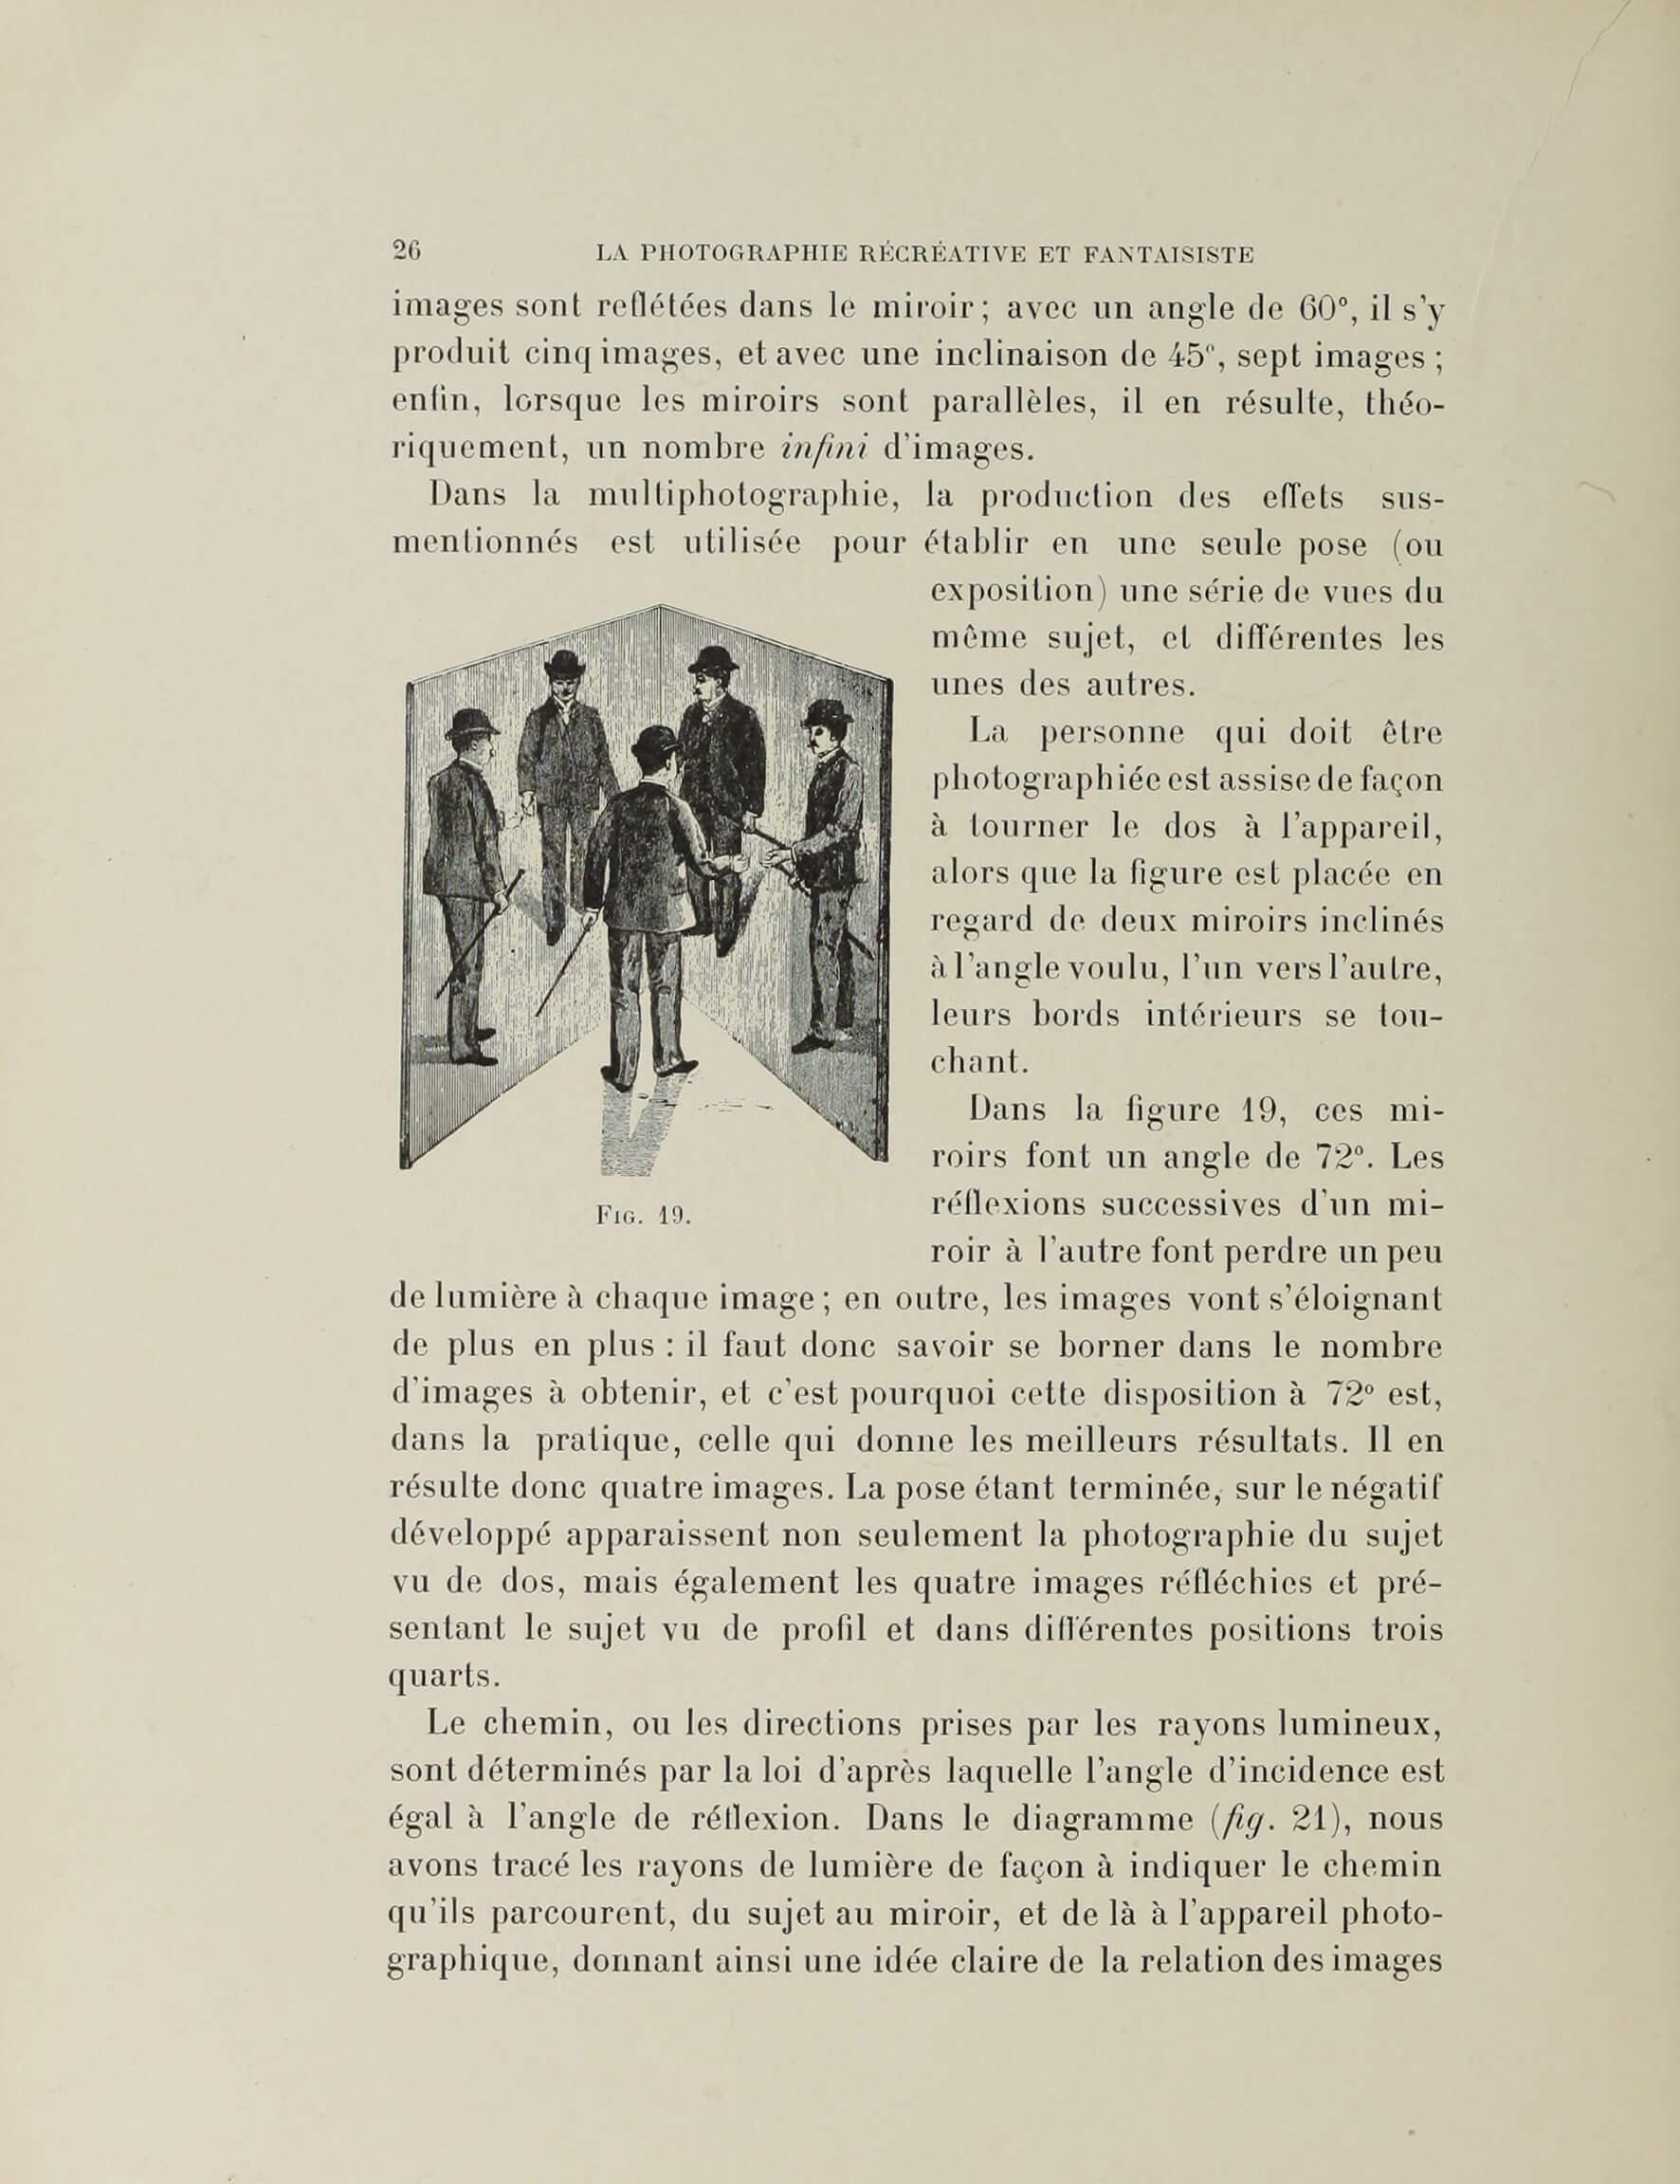 César Chaplot, « La multiphotographie », <em>La Photographie récréative et fantaisiste – recueil de divertissements, trucs, passe-temps photographiques</em>, Paris, Charles Mendel, 1900, p. 26  (Getty Research Institute)